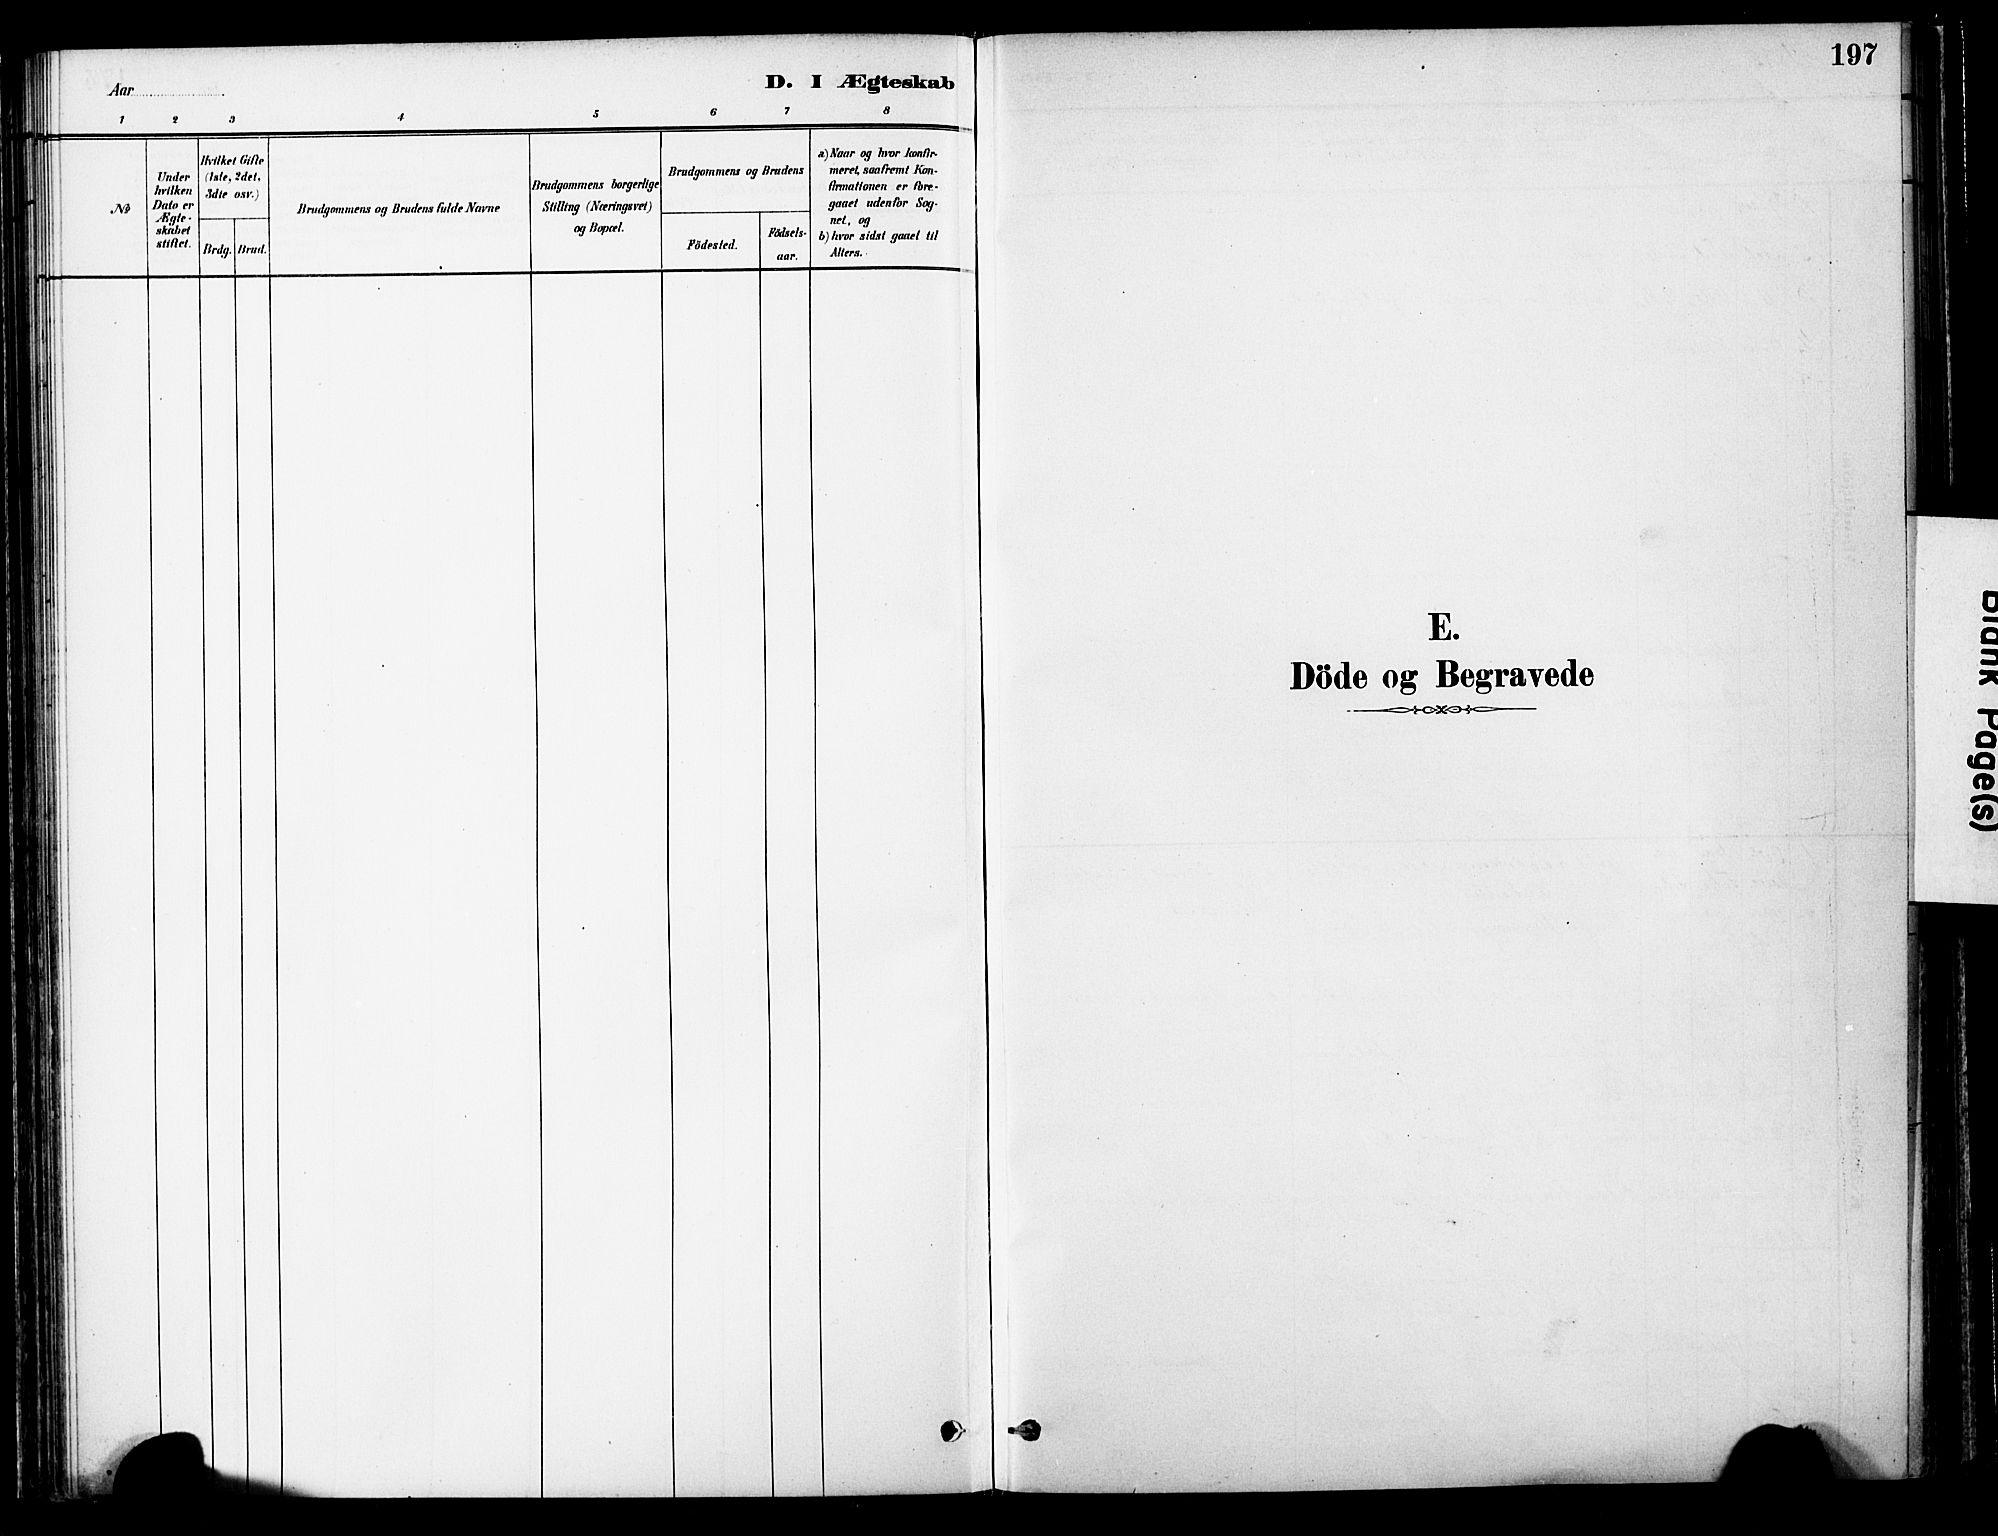 SAT, Ministerialprotokoller, klokkerbøker og fødselsregistre - Nord-Trøndelag, 755/L0494: Ministerialbok nr. 755A03, 1882-1902, s. 197